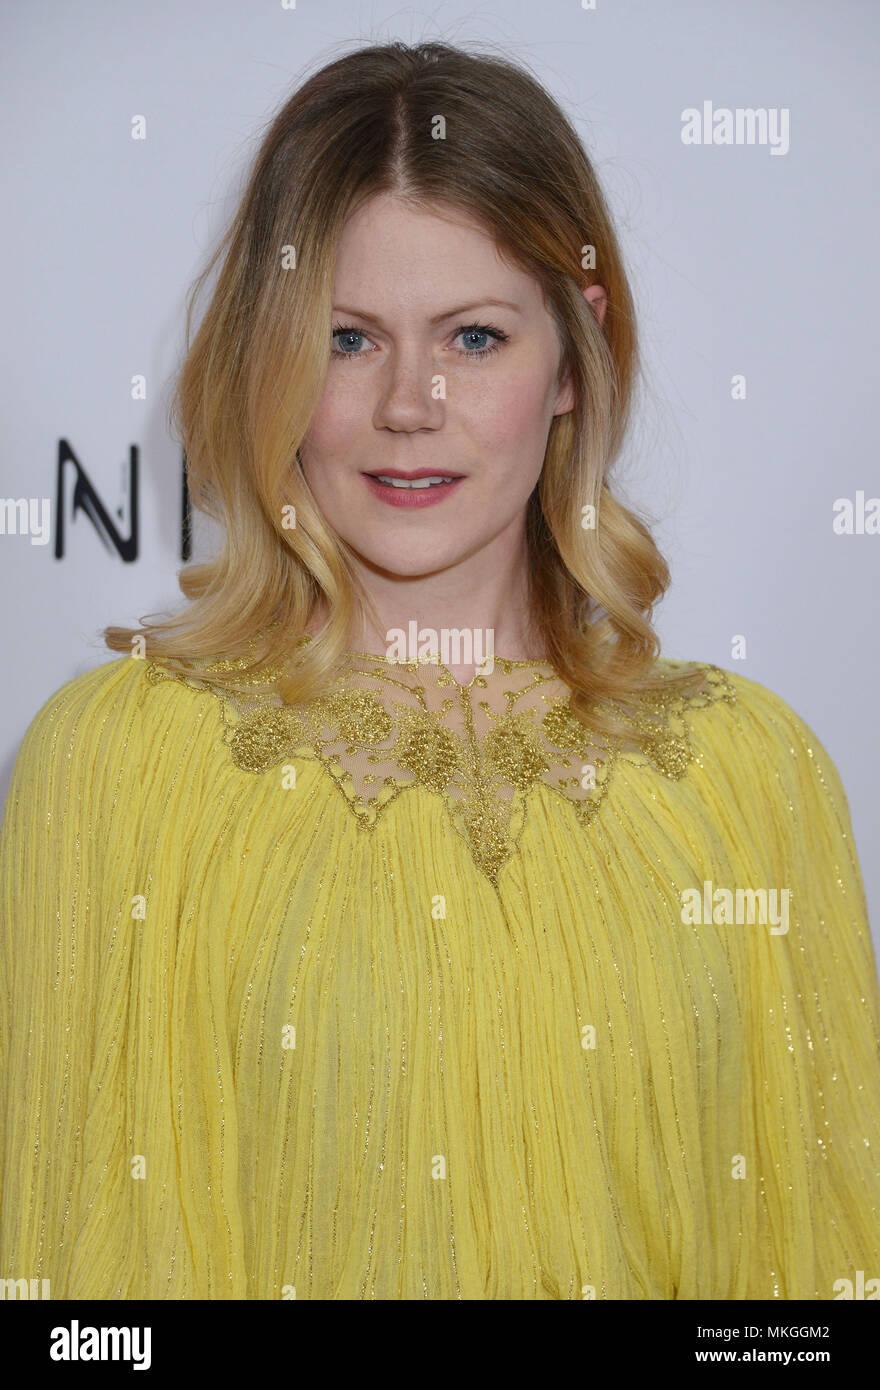 Hanna Alstrom 417 presso il pistolero Premiere al Regal Theatre di Los  Angeles.Hanna Alstrom dacd232ed5